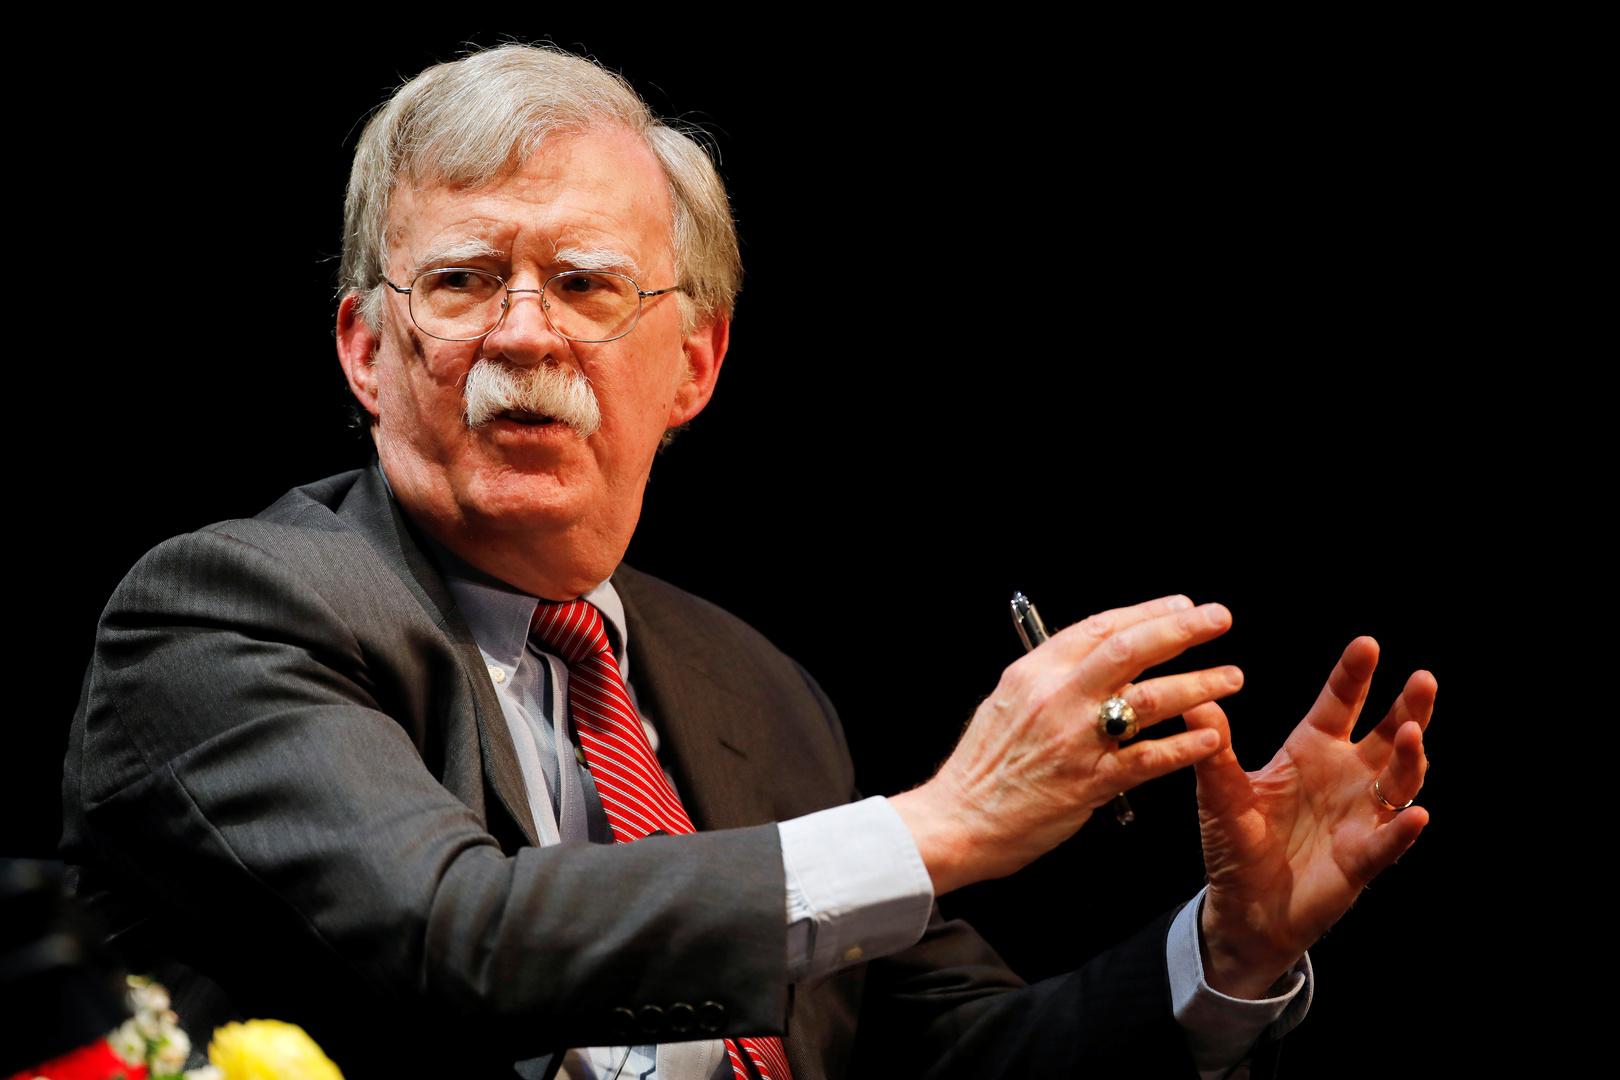 بولتون يوضح مغزى تحذيره من إمكانية وصول طالبان إلى 150 قنبلة نووية